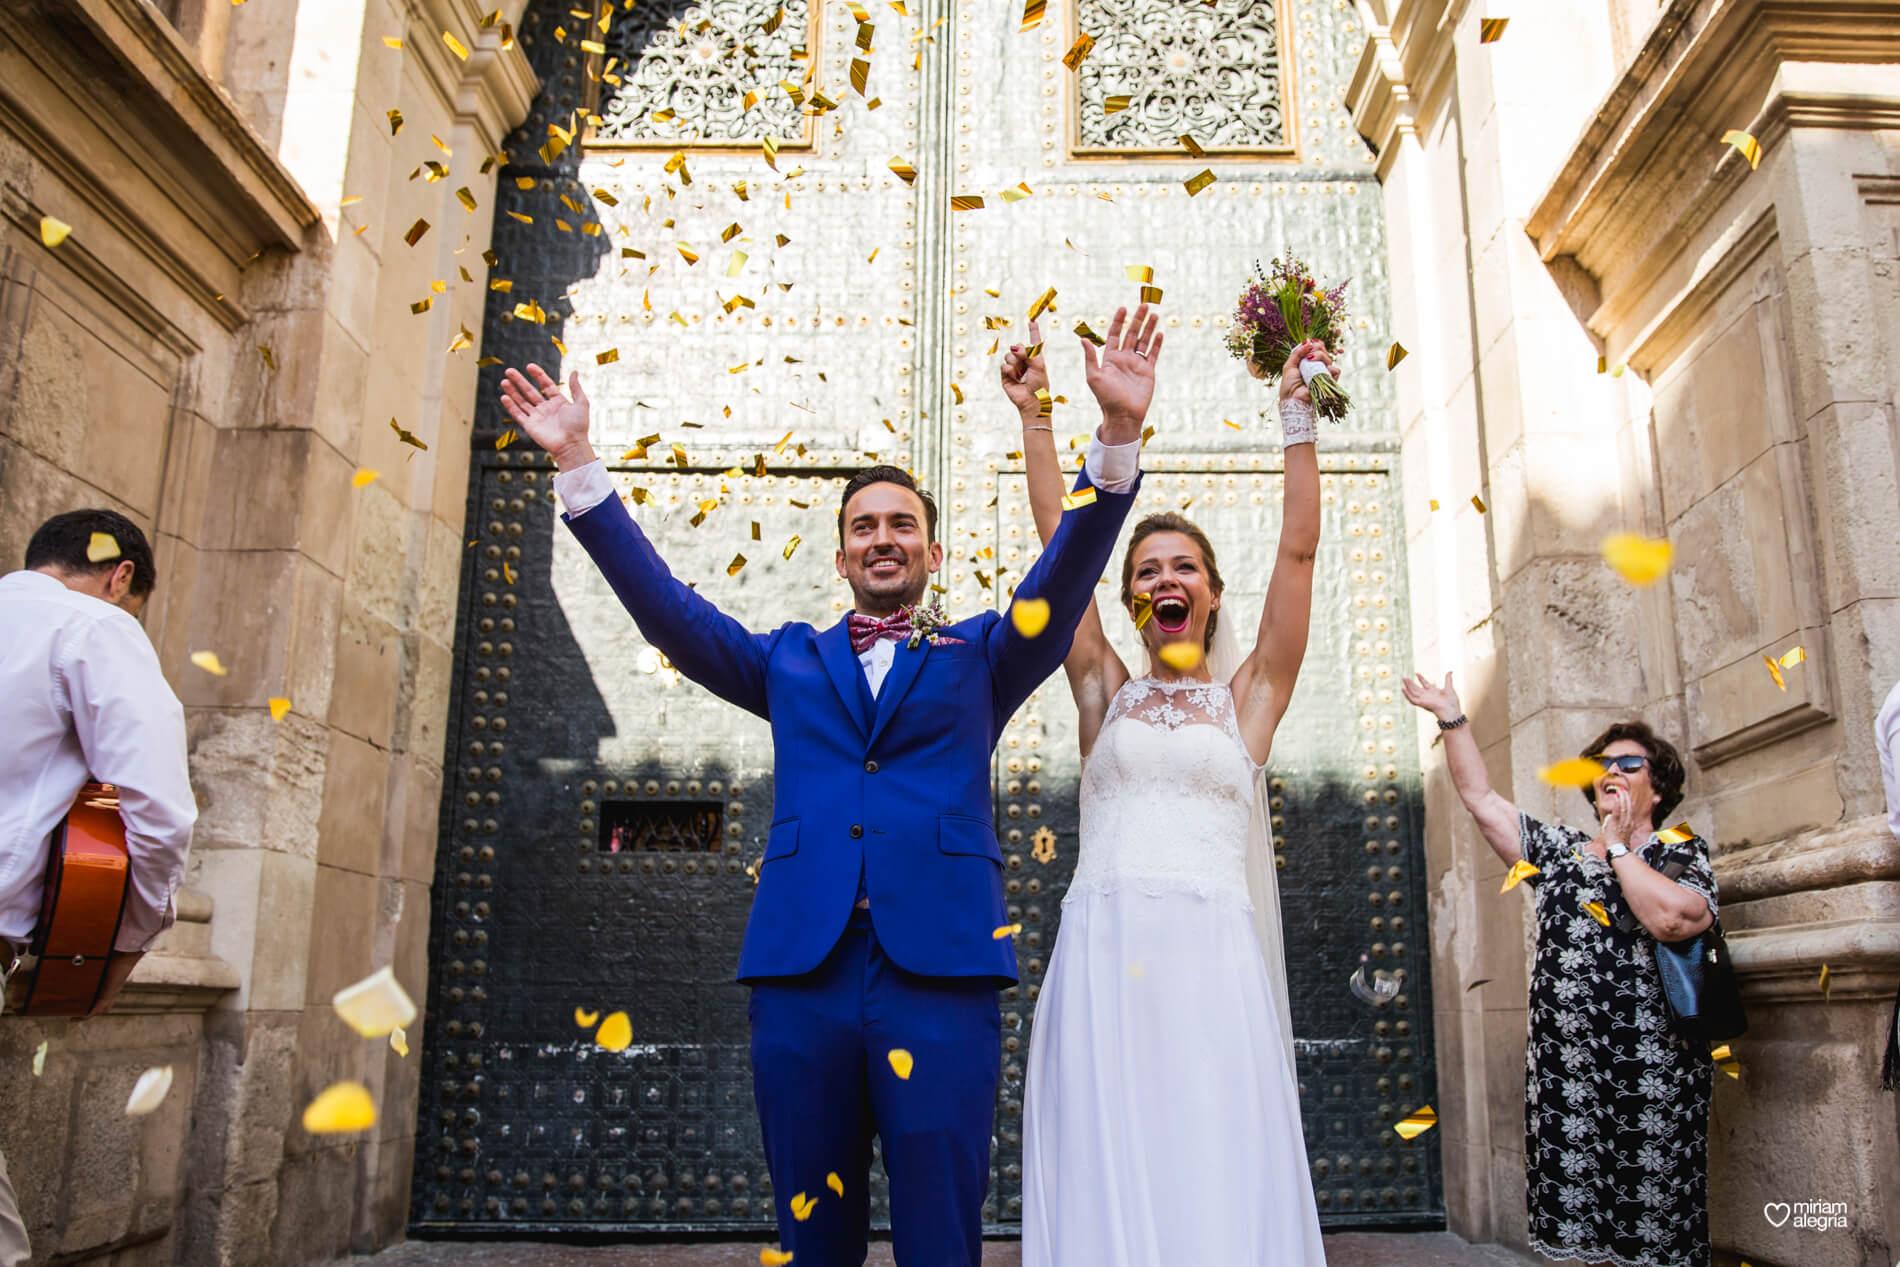 wedding-huerto-del-cura-elche-miriam-alegria-fotografos-boda-237